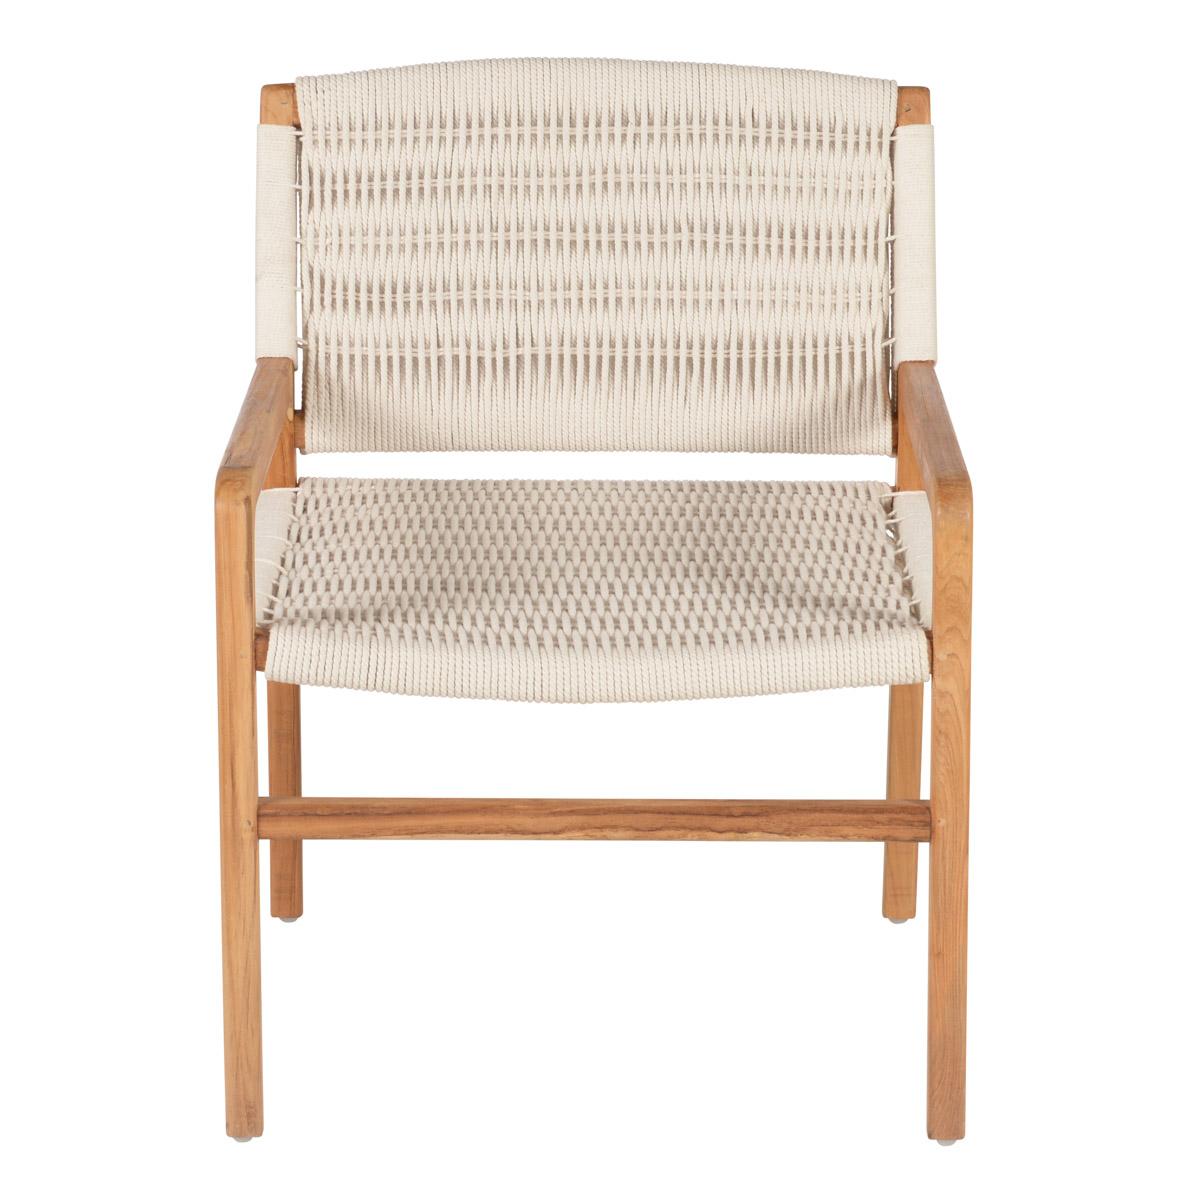 Chaise en teck et cordage en coton blanc avec accoudoir